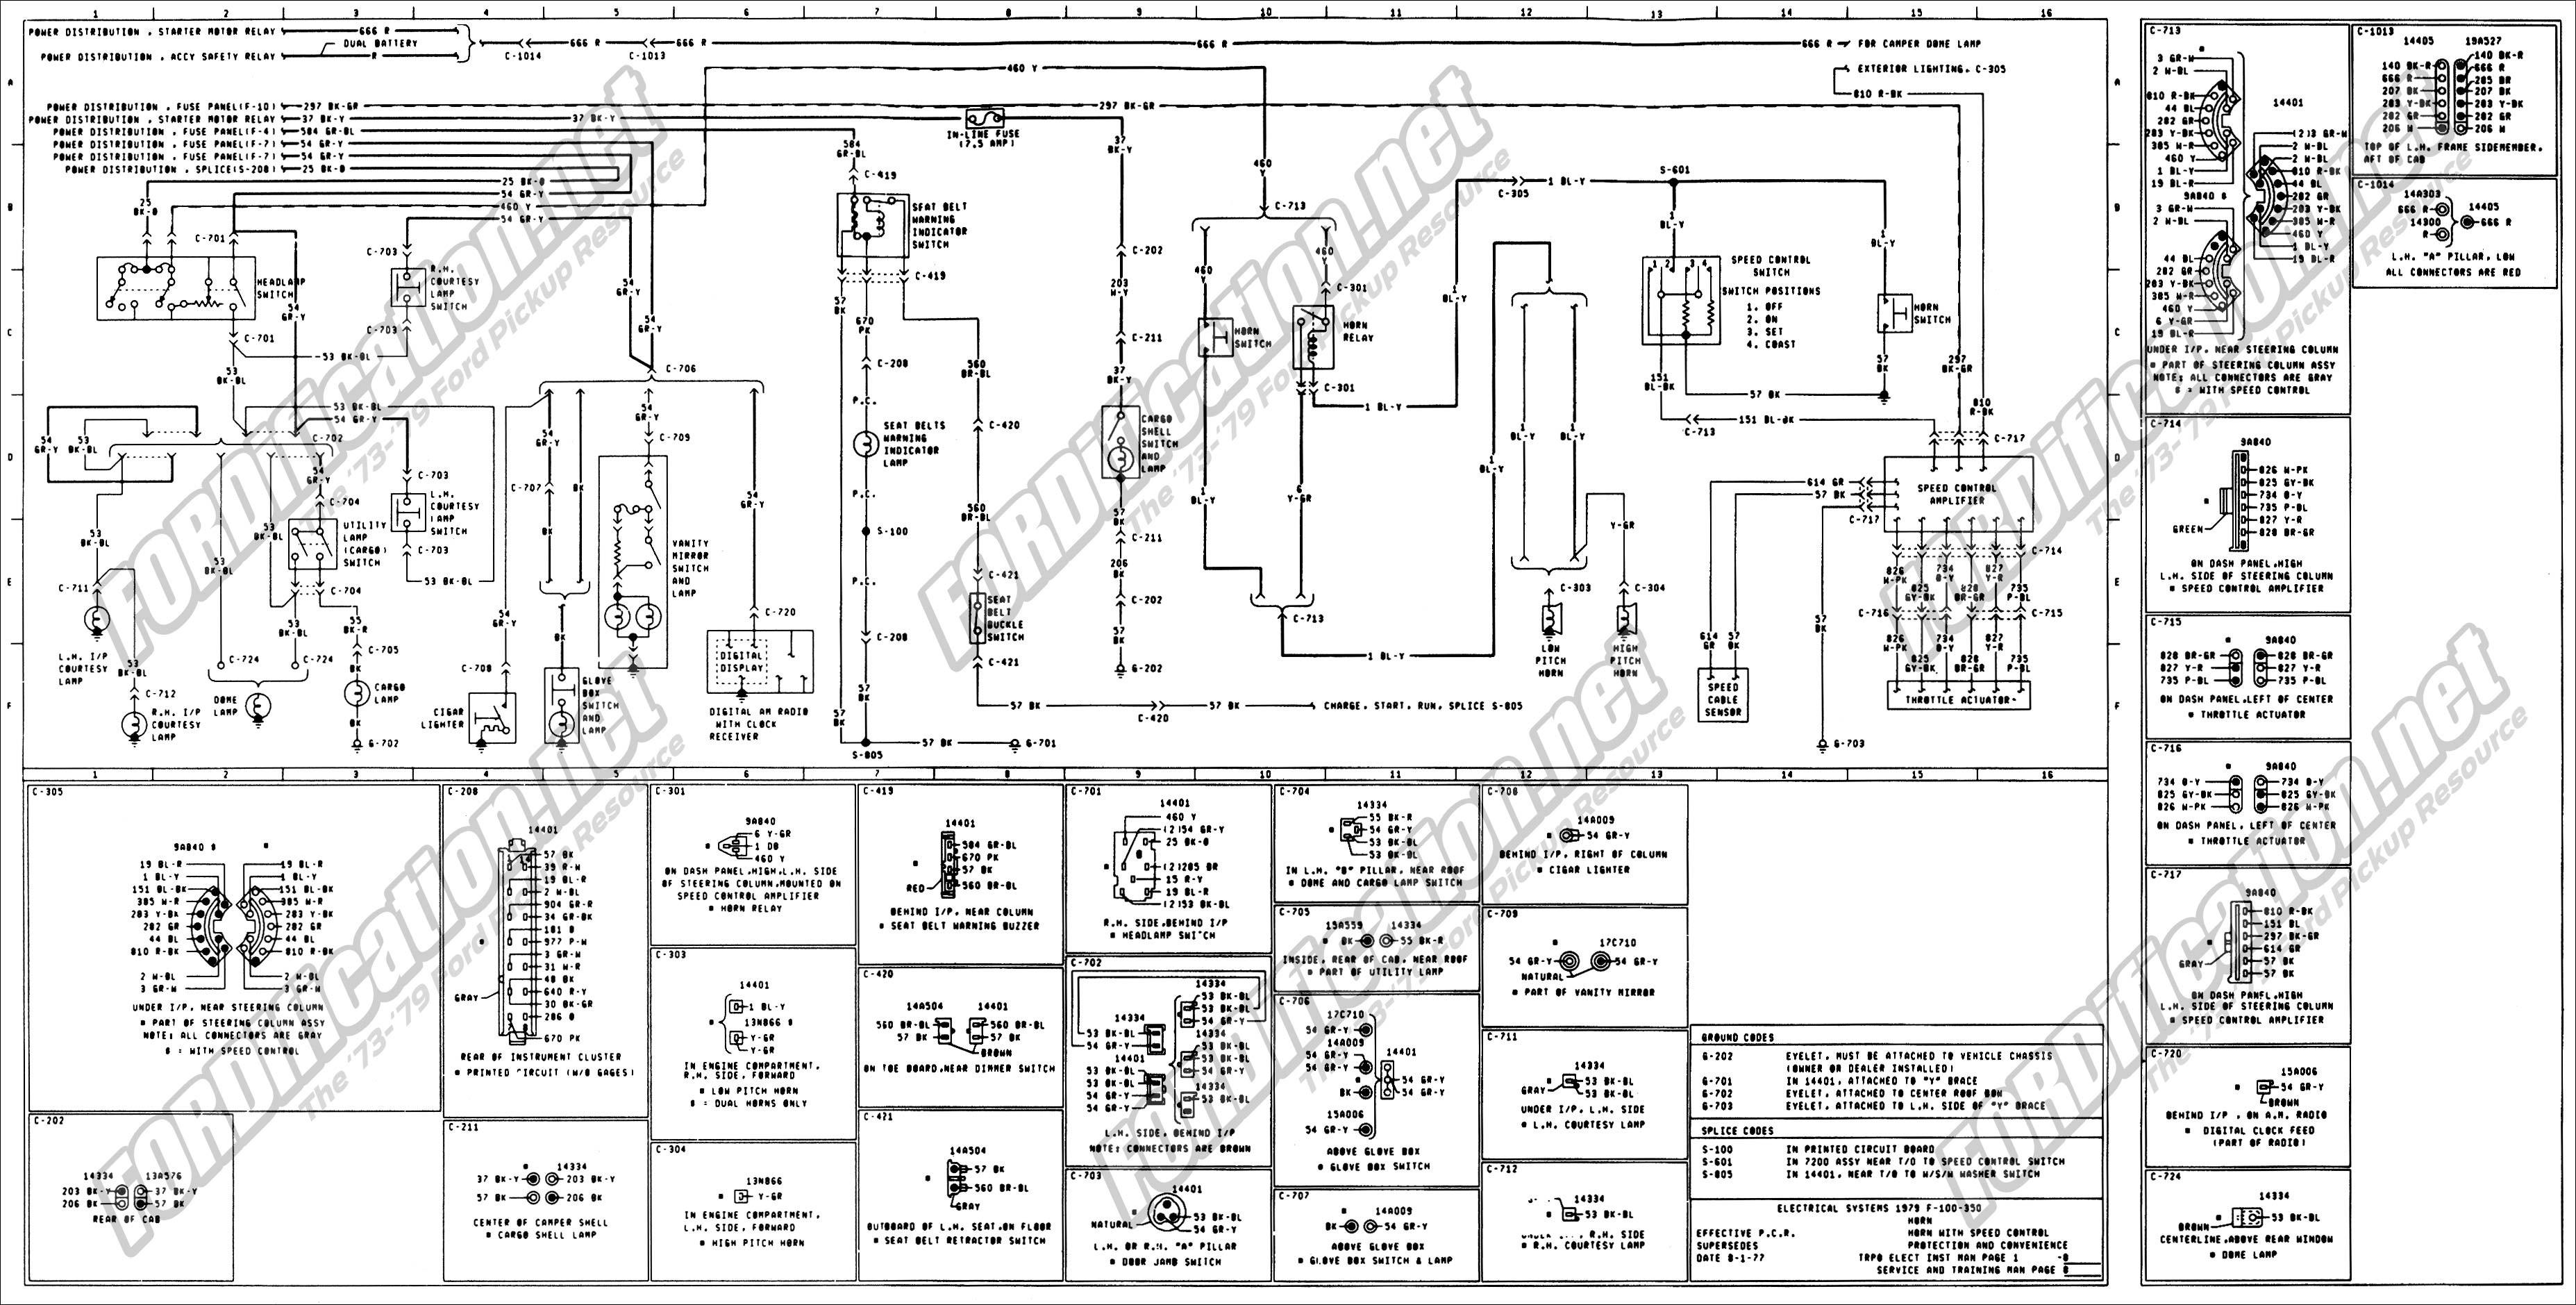 1979 Ford F150 Engine Diagram Wiring Schematics 1999 Windstar F250 79 Solenoid Truck